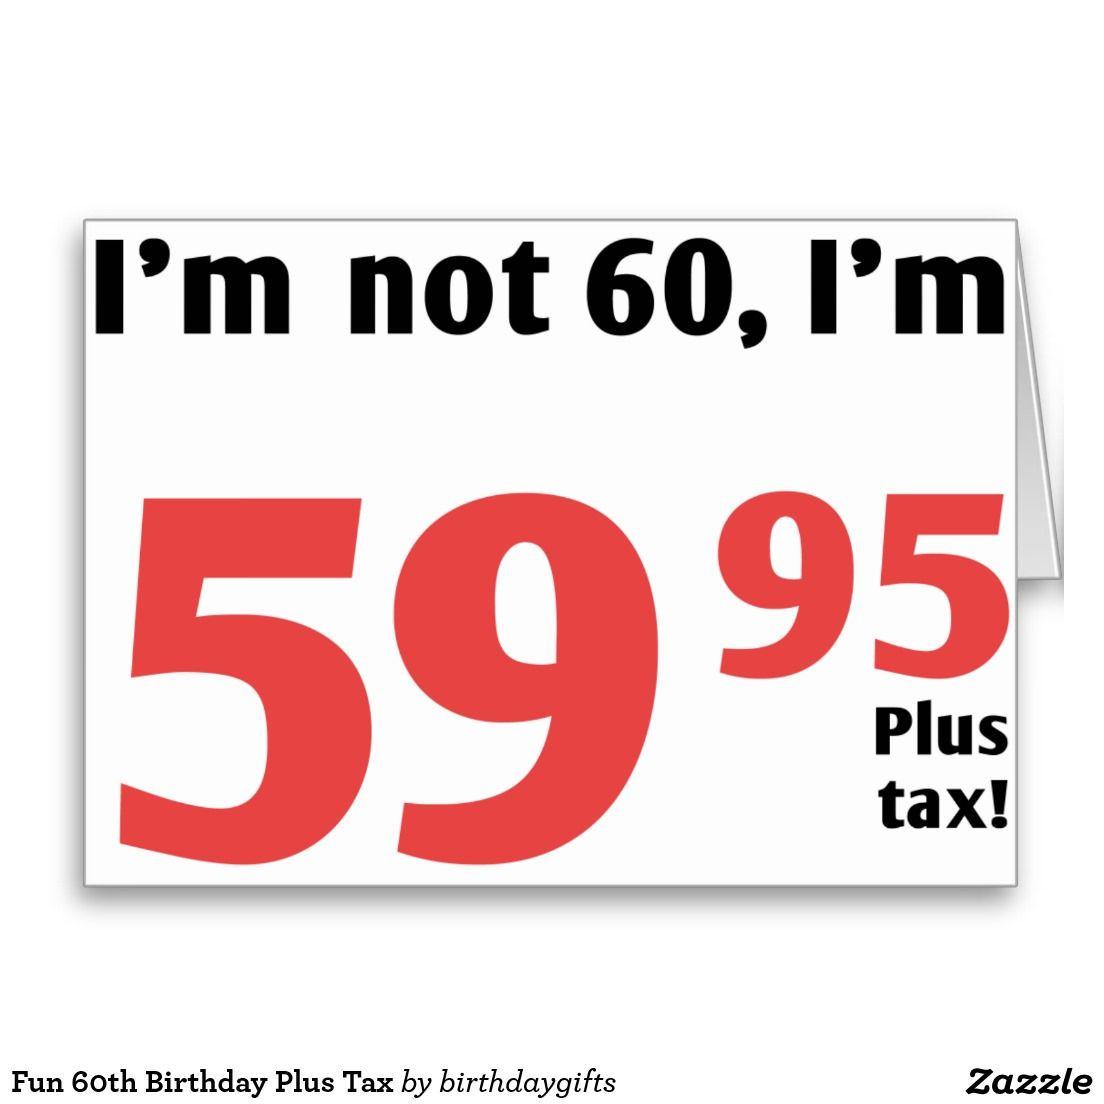 Funny Birthday Signs  Fun 60th Birthday Plus Tax Card